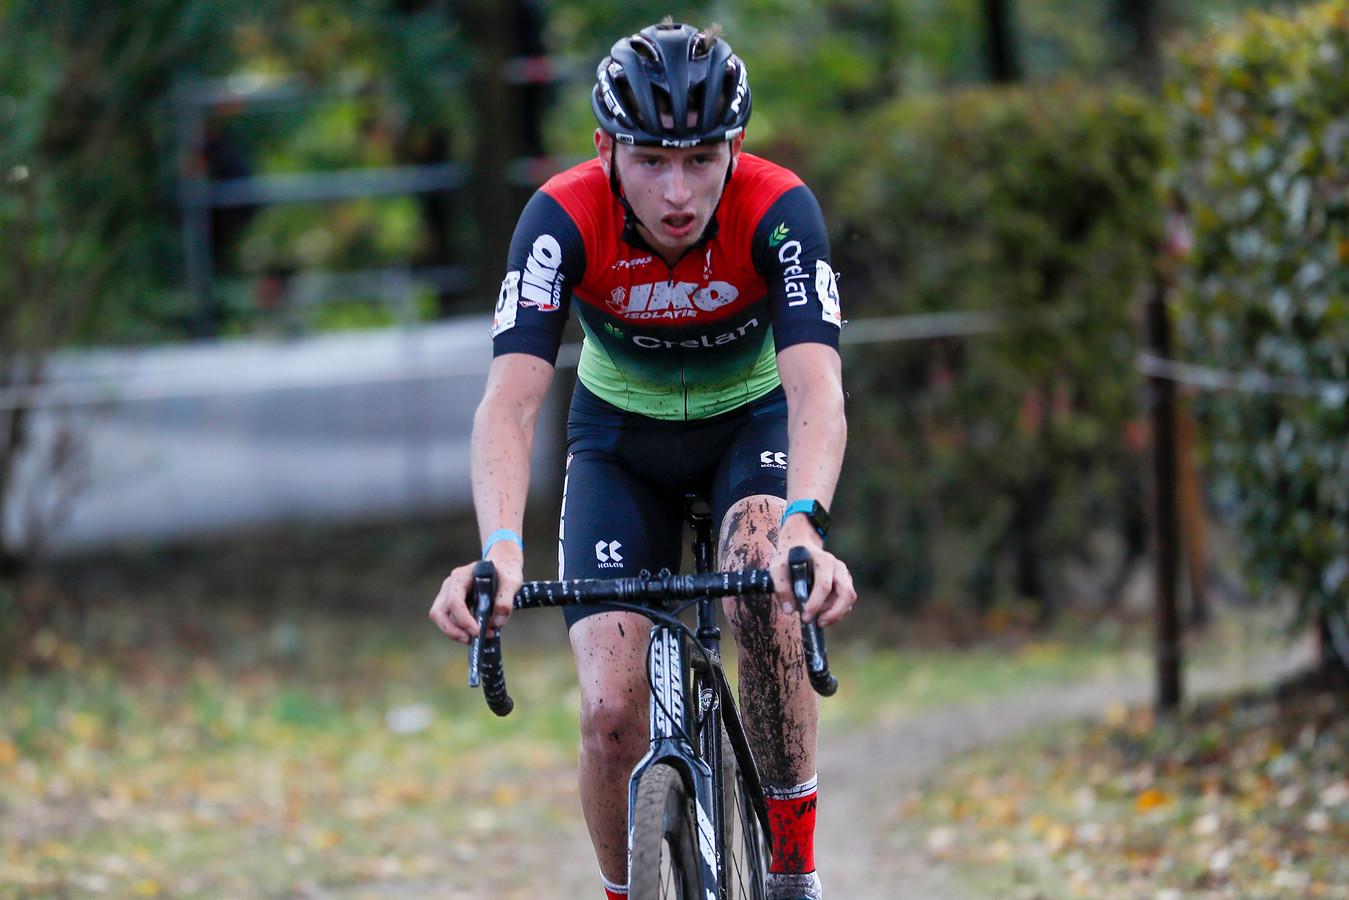 Belofte Wout Vervoort, in het seizoensbegin 35ste in de Rapencross in Lokeren, pakte zondag in Polen zijn eerste podiumplaats bij de elite.